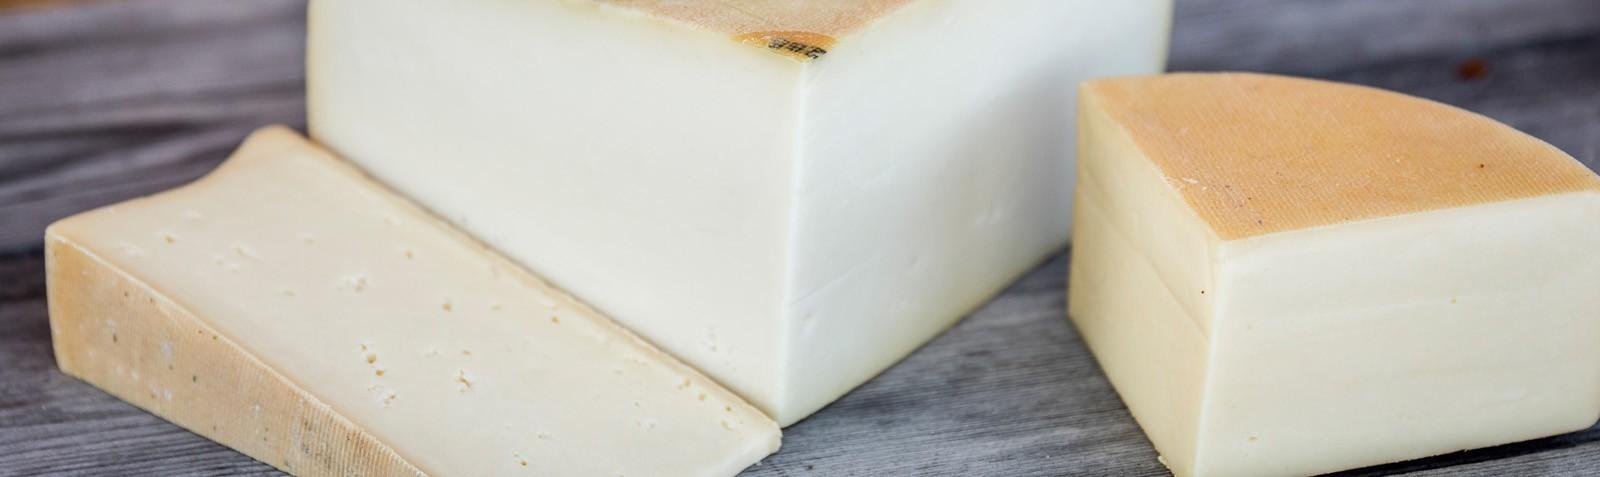 Südtiroler Käse - einzigartig, aromatisch und laktosefrei